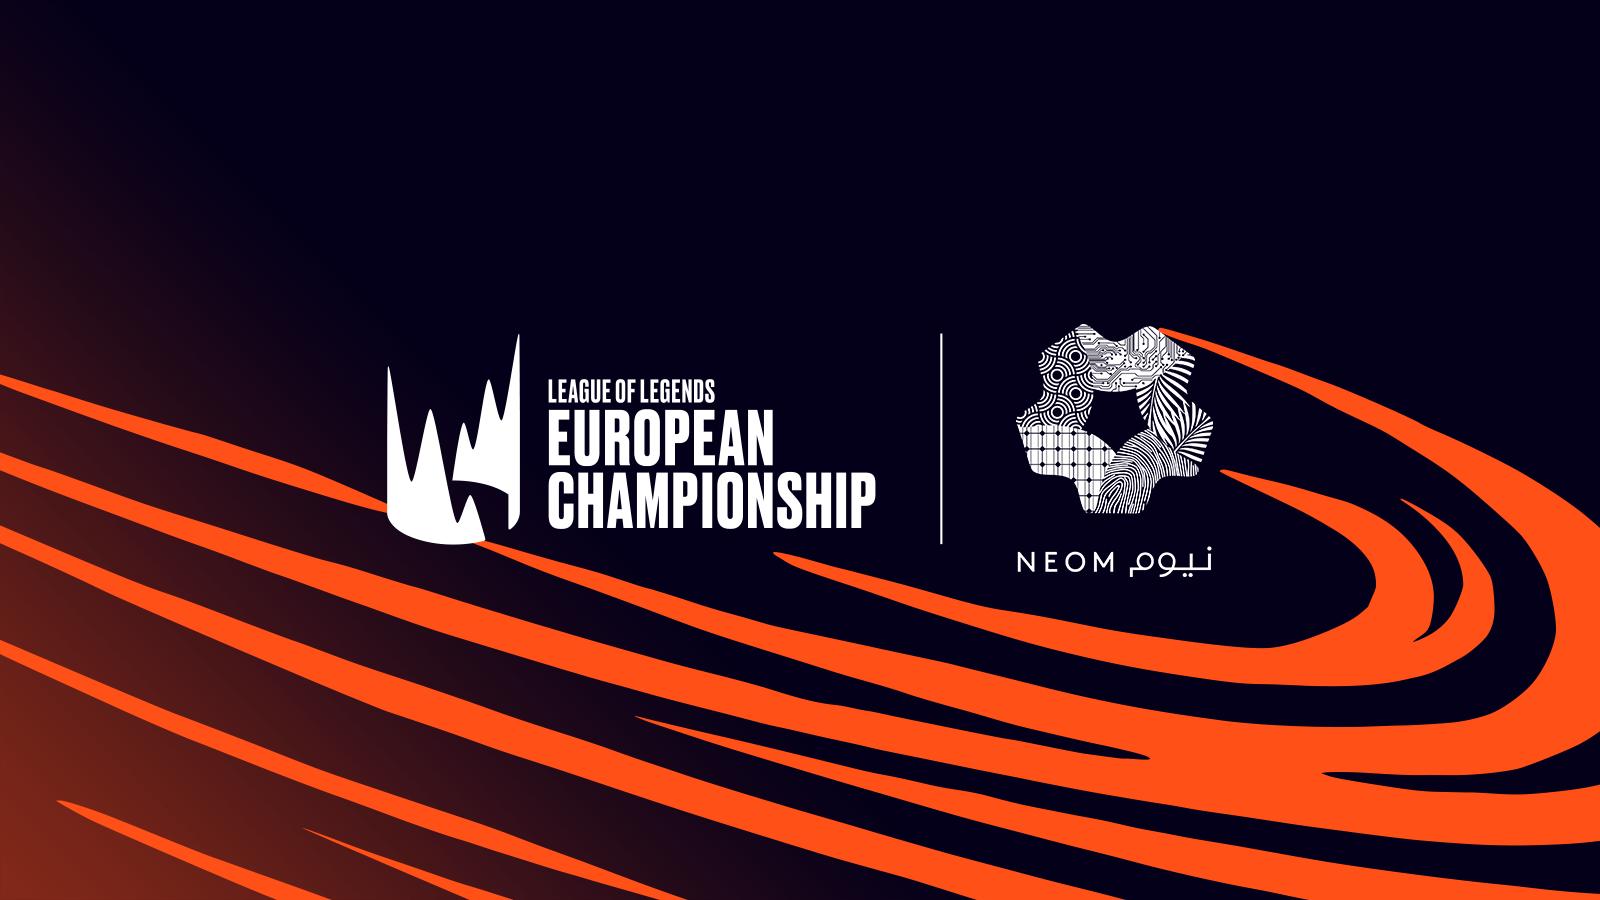 O logo da LEC ao lado do logo da NEOM, nova parceira da liga..